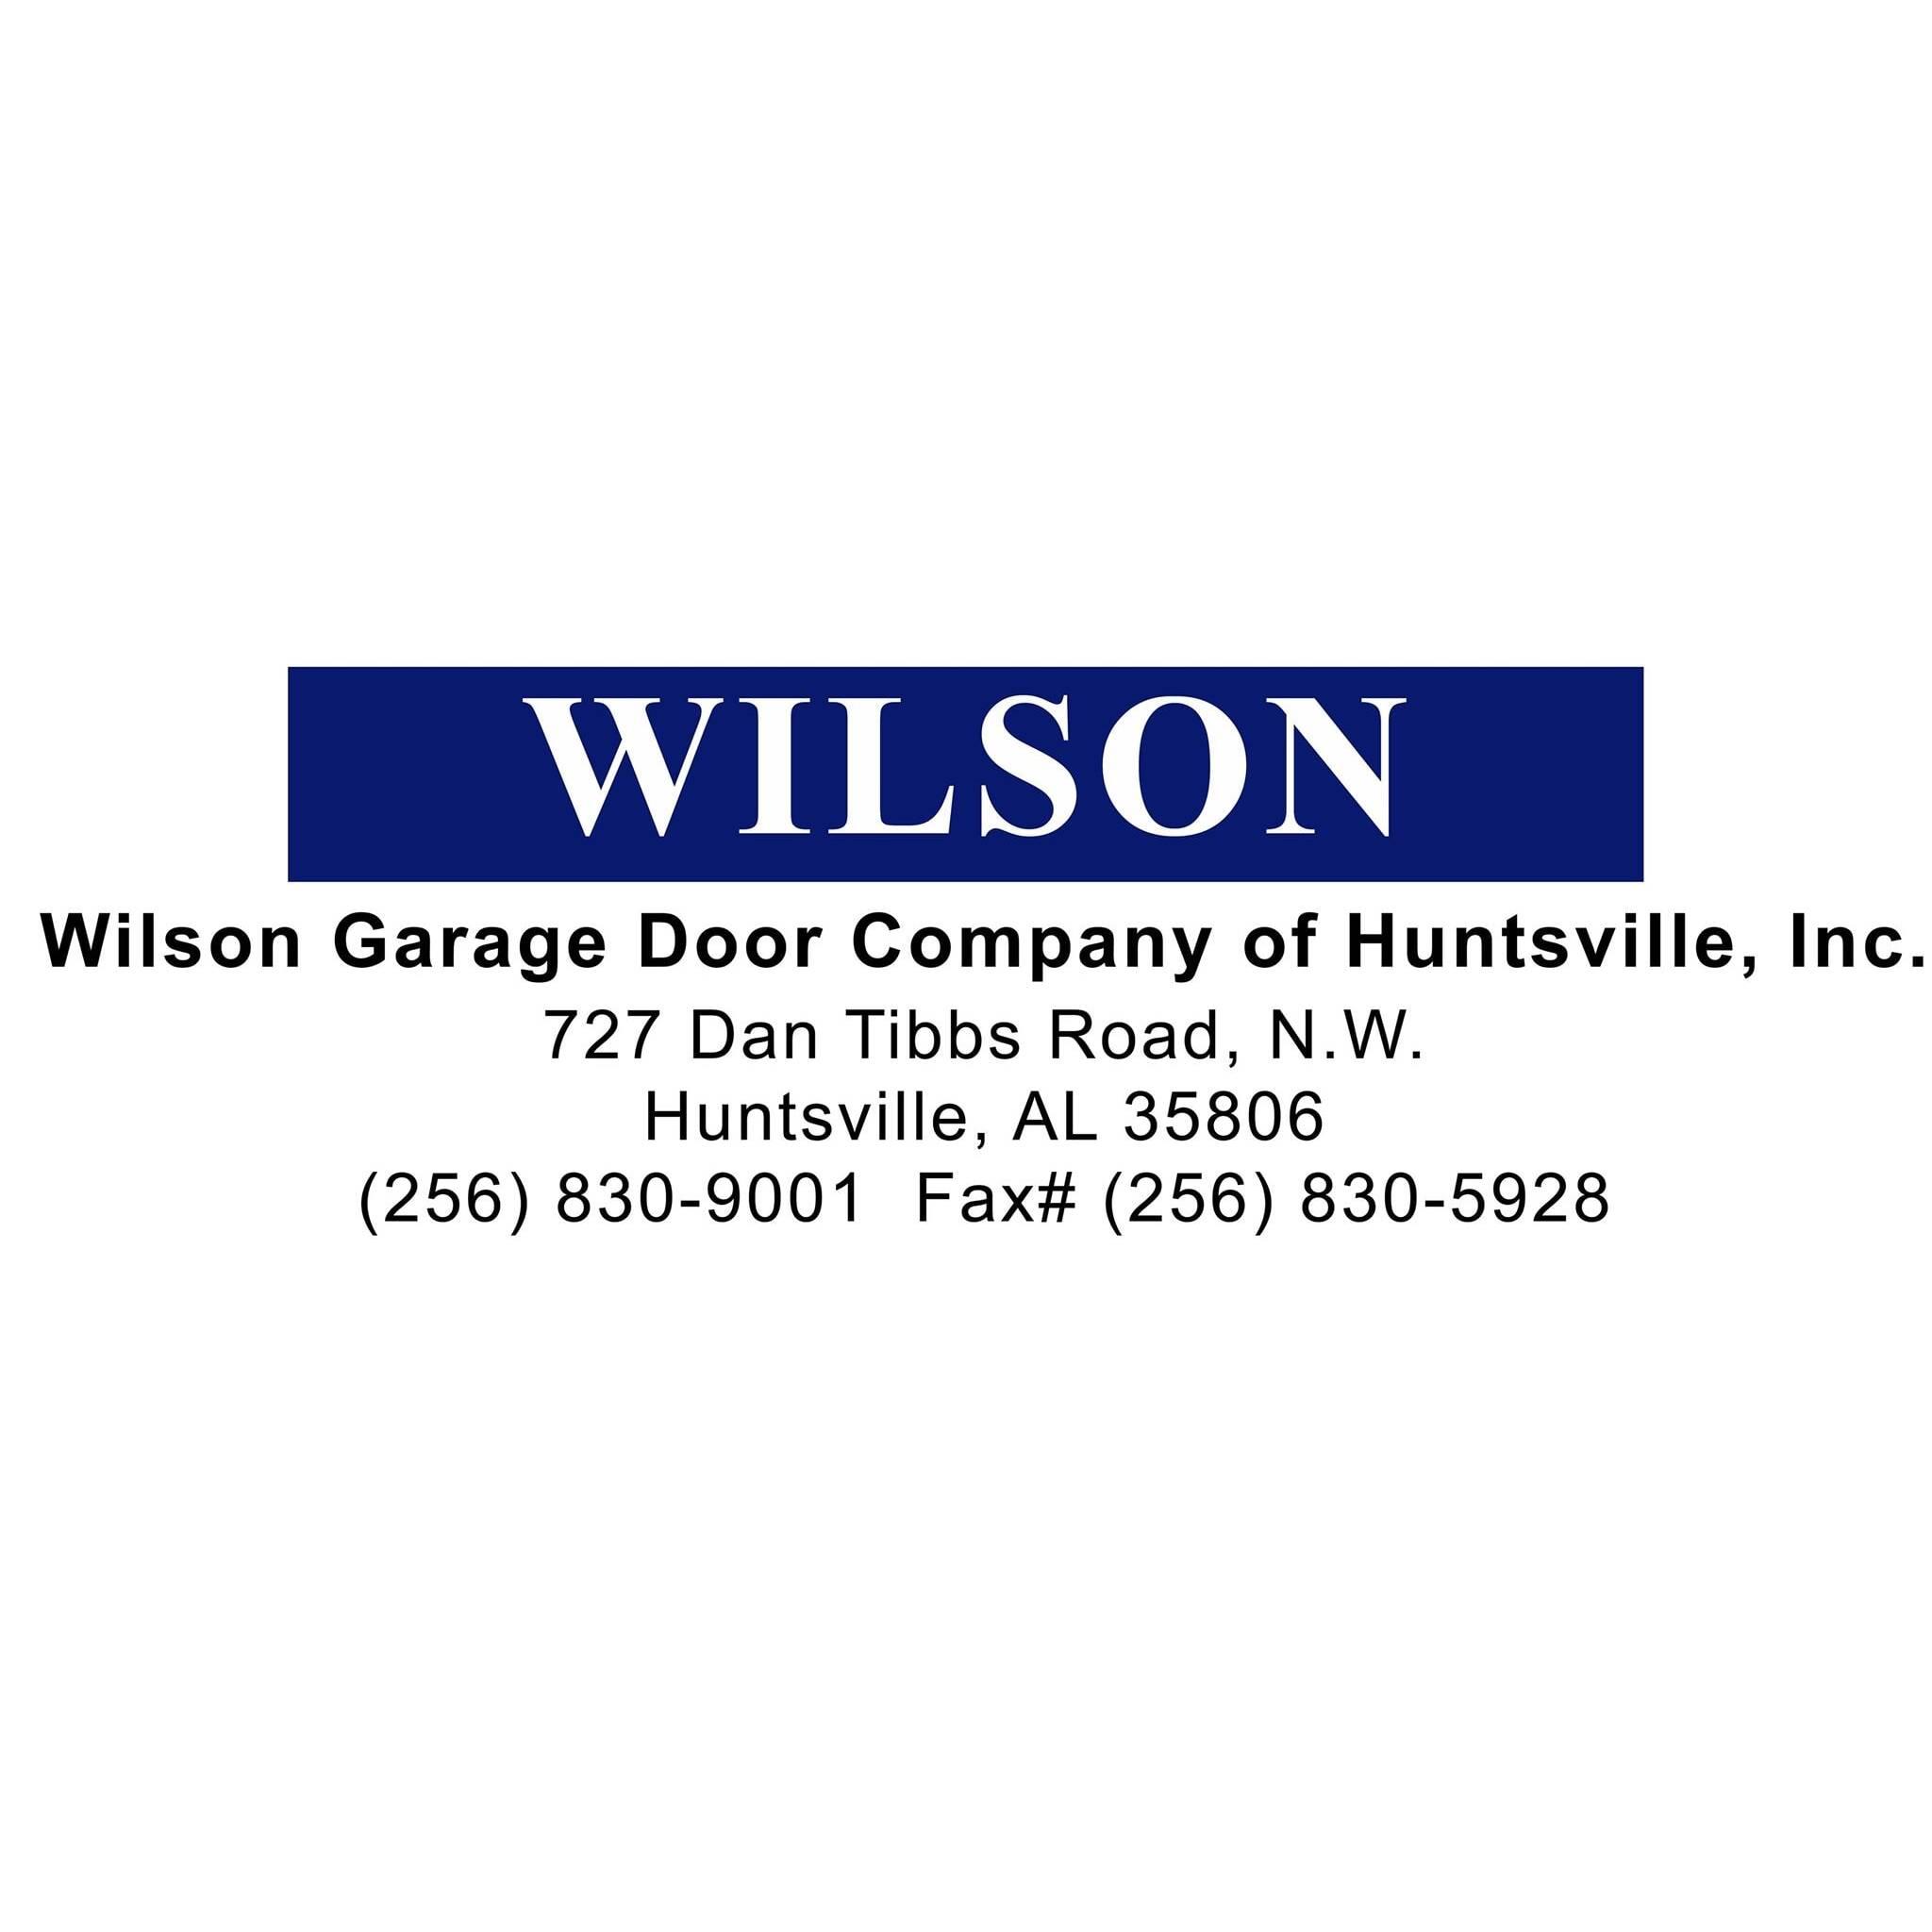 Wilson Garage Door Company of Huntsville